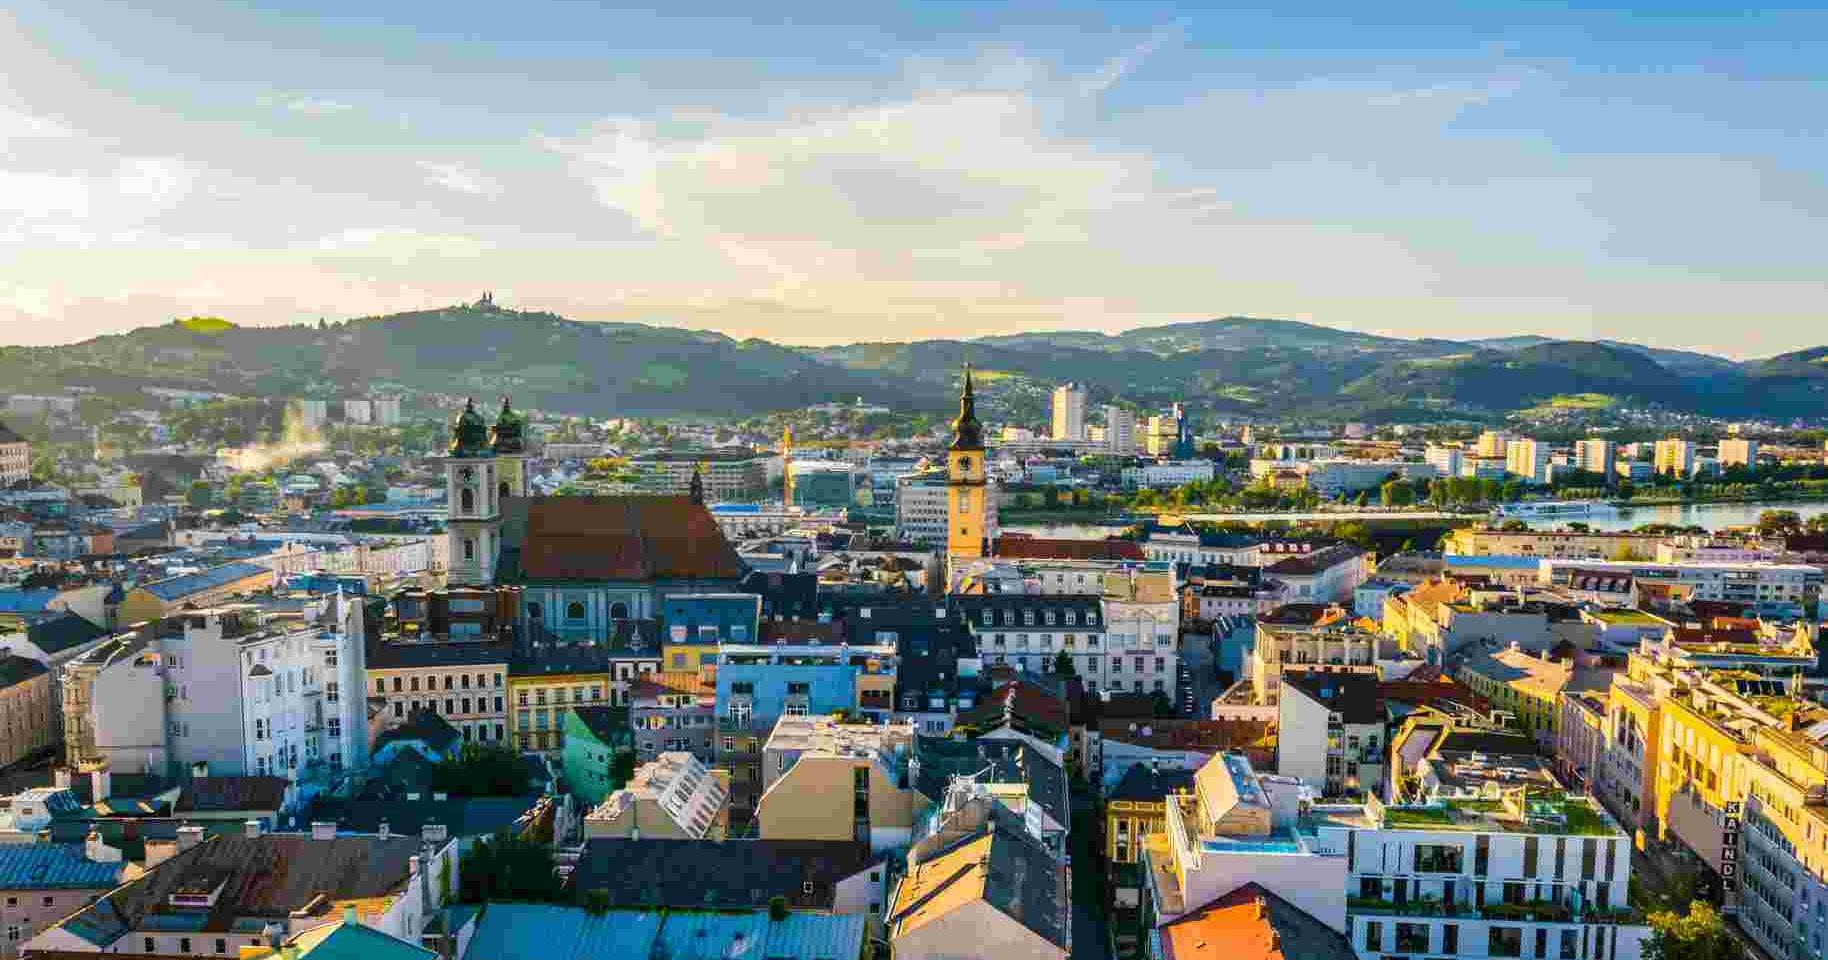 Linz (Austria, Day 1)